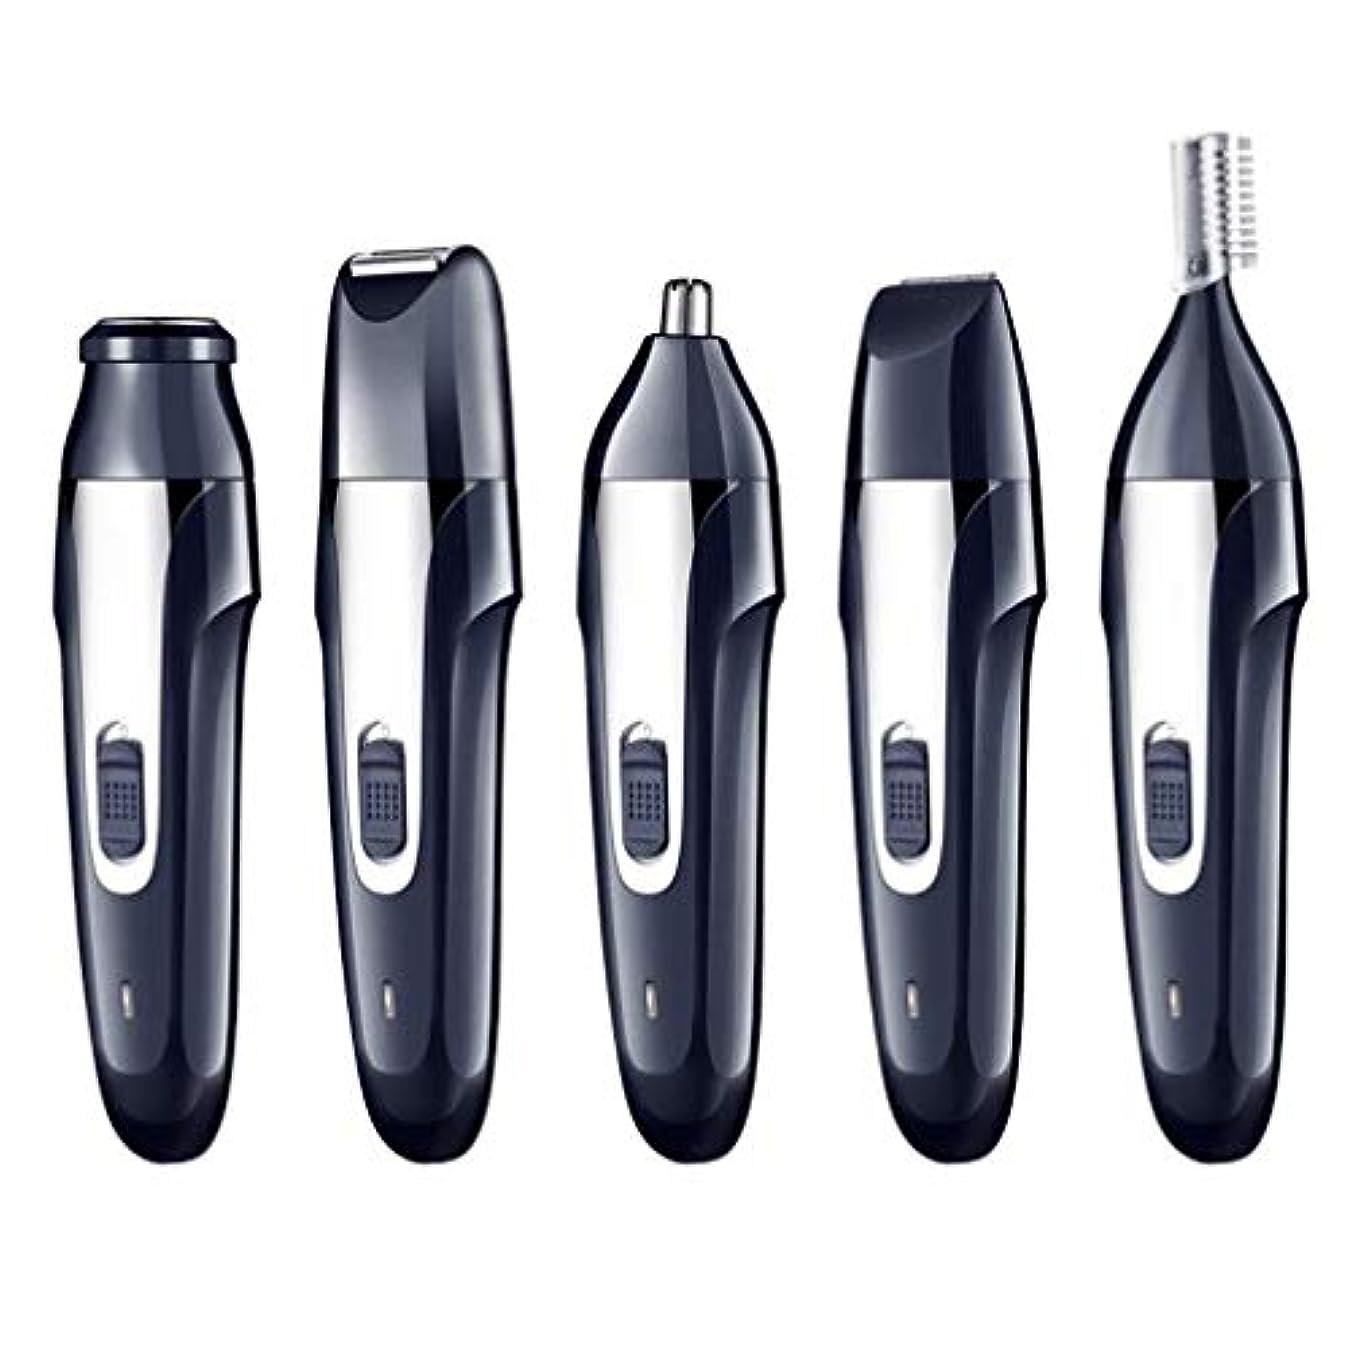 鼻毛トリマー - 電動脱毛器具、USB充電器、リップヘア、眉毛形削りナイフ、5つ1つ、ポータブル、ユニセックス (Color : 1)